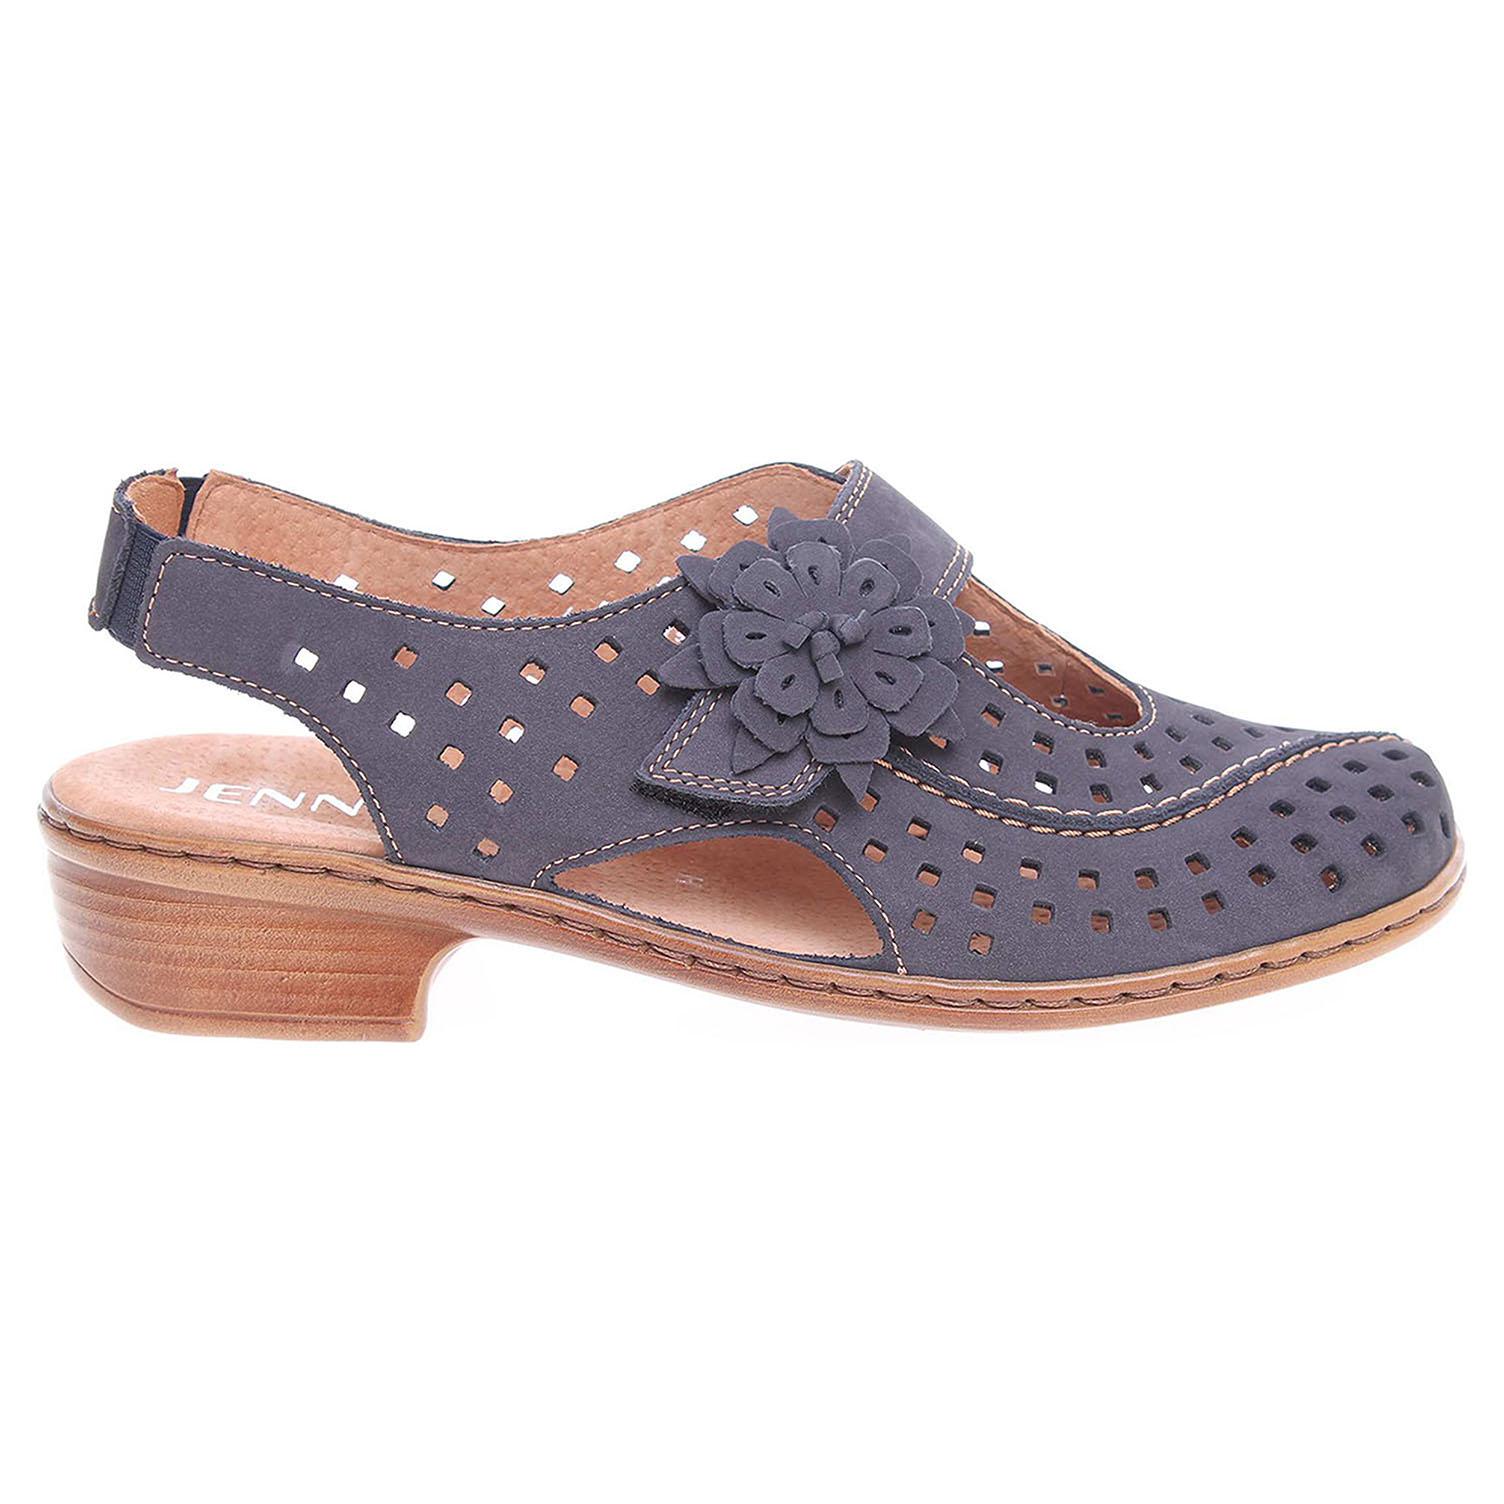 Ecco Ara dámské sandály 52706-10 modré 23801203